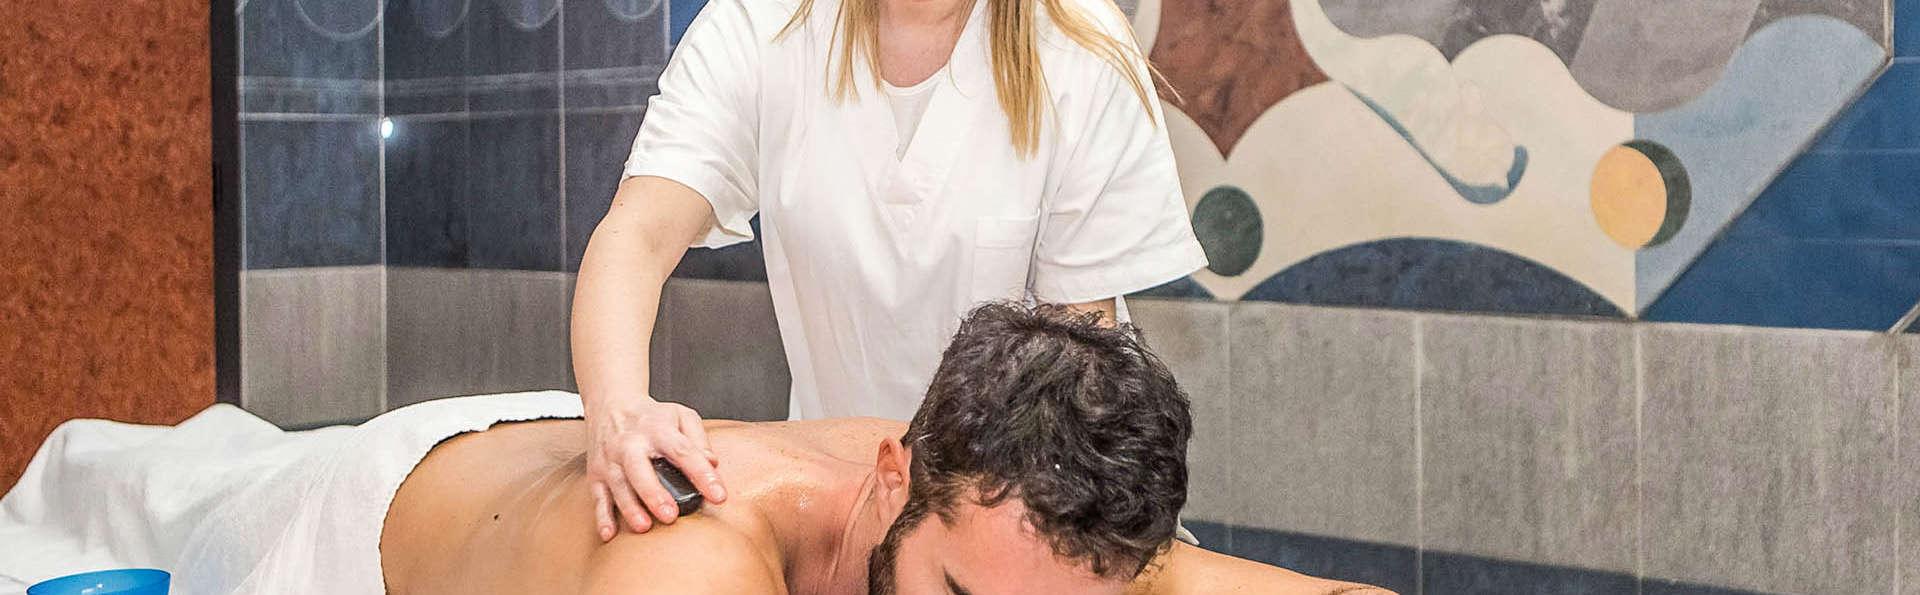 Week-end bien-être à Montecatini, avec accès aux thermes et massage détente du dos